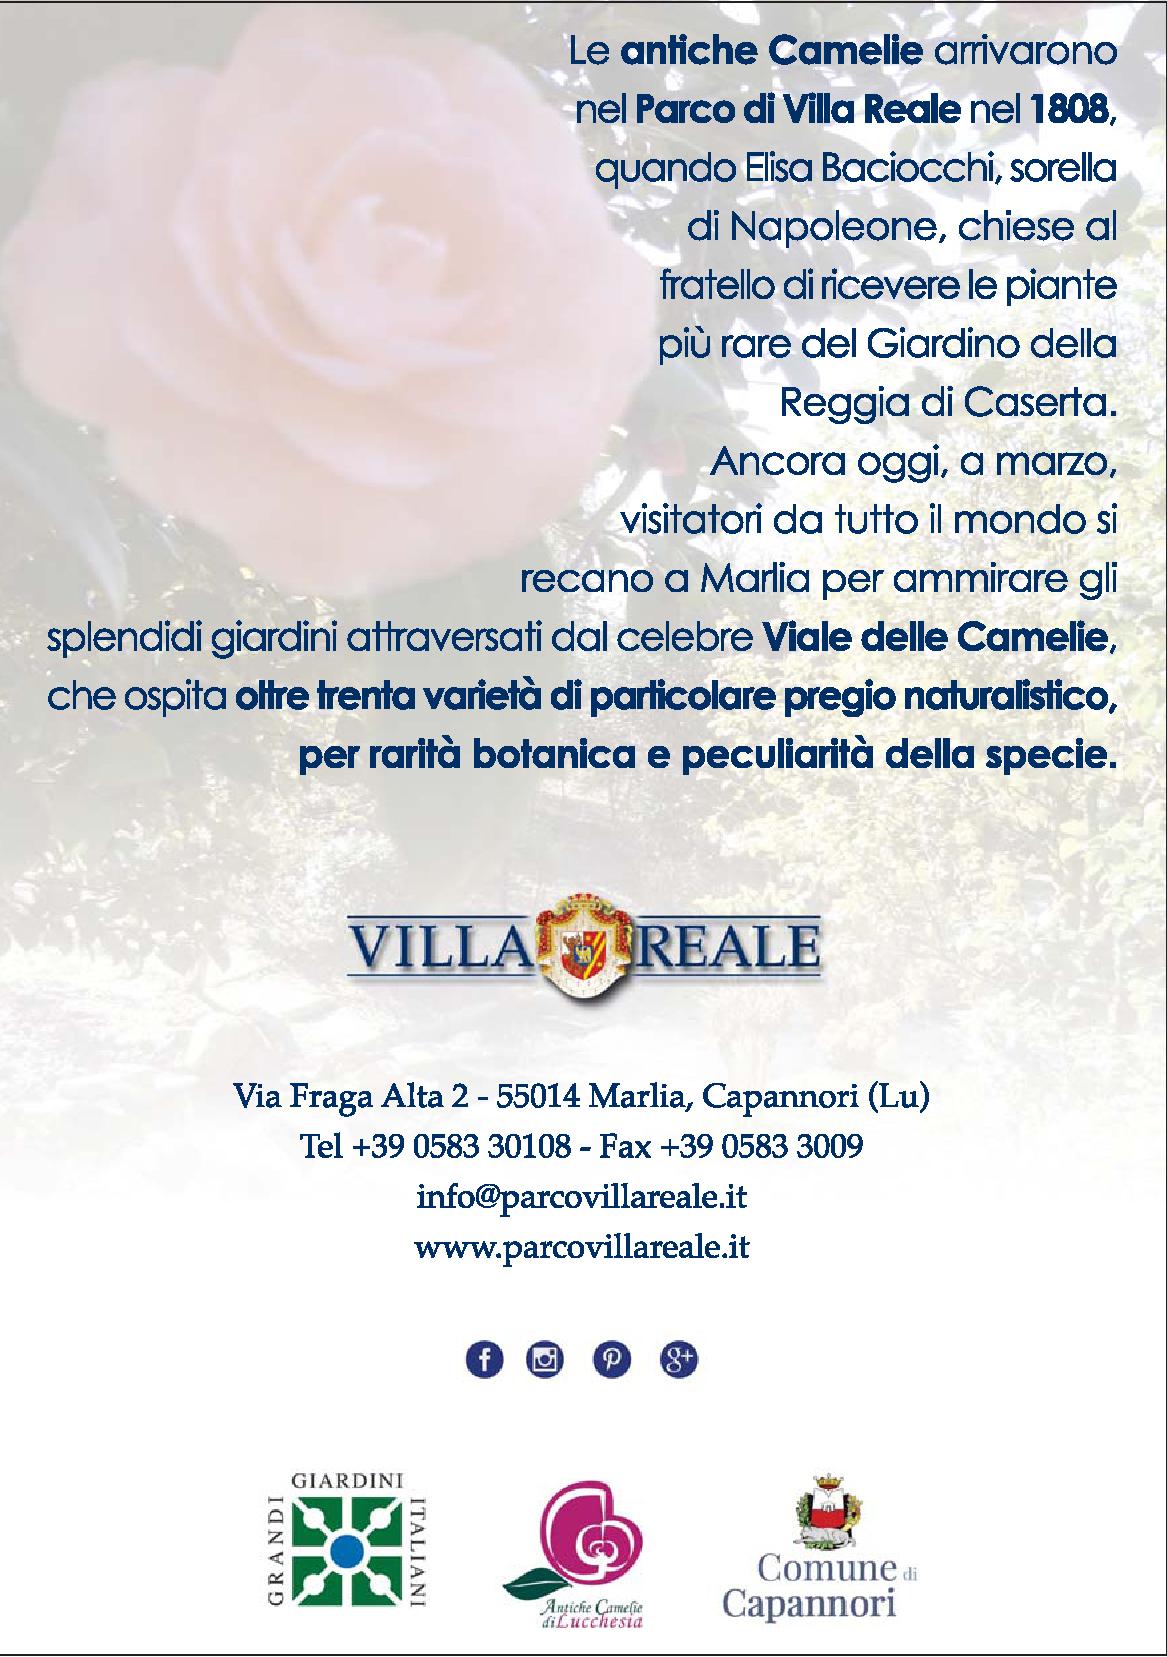 Villa Reale/Came (Convertito)-1